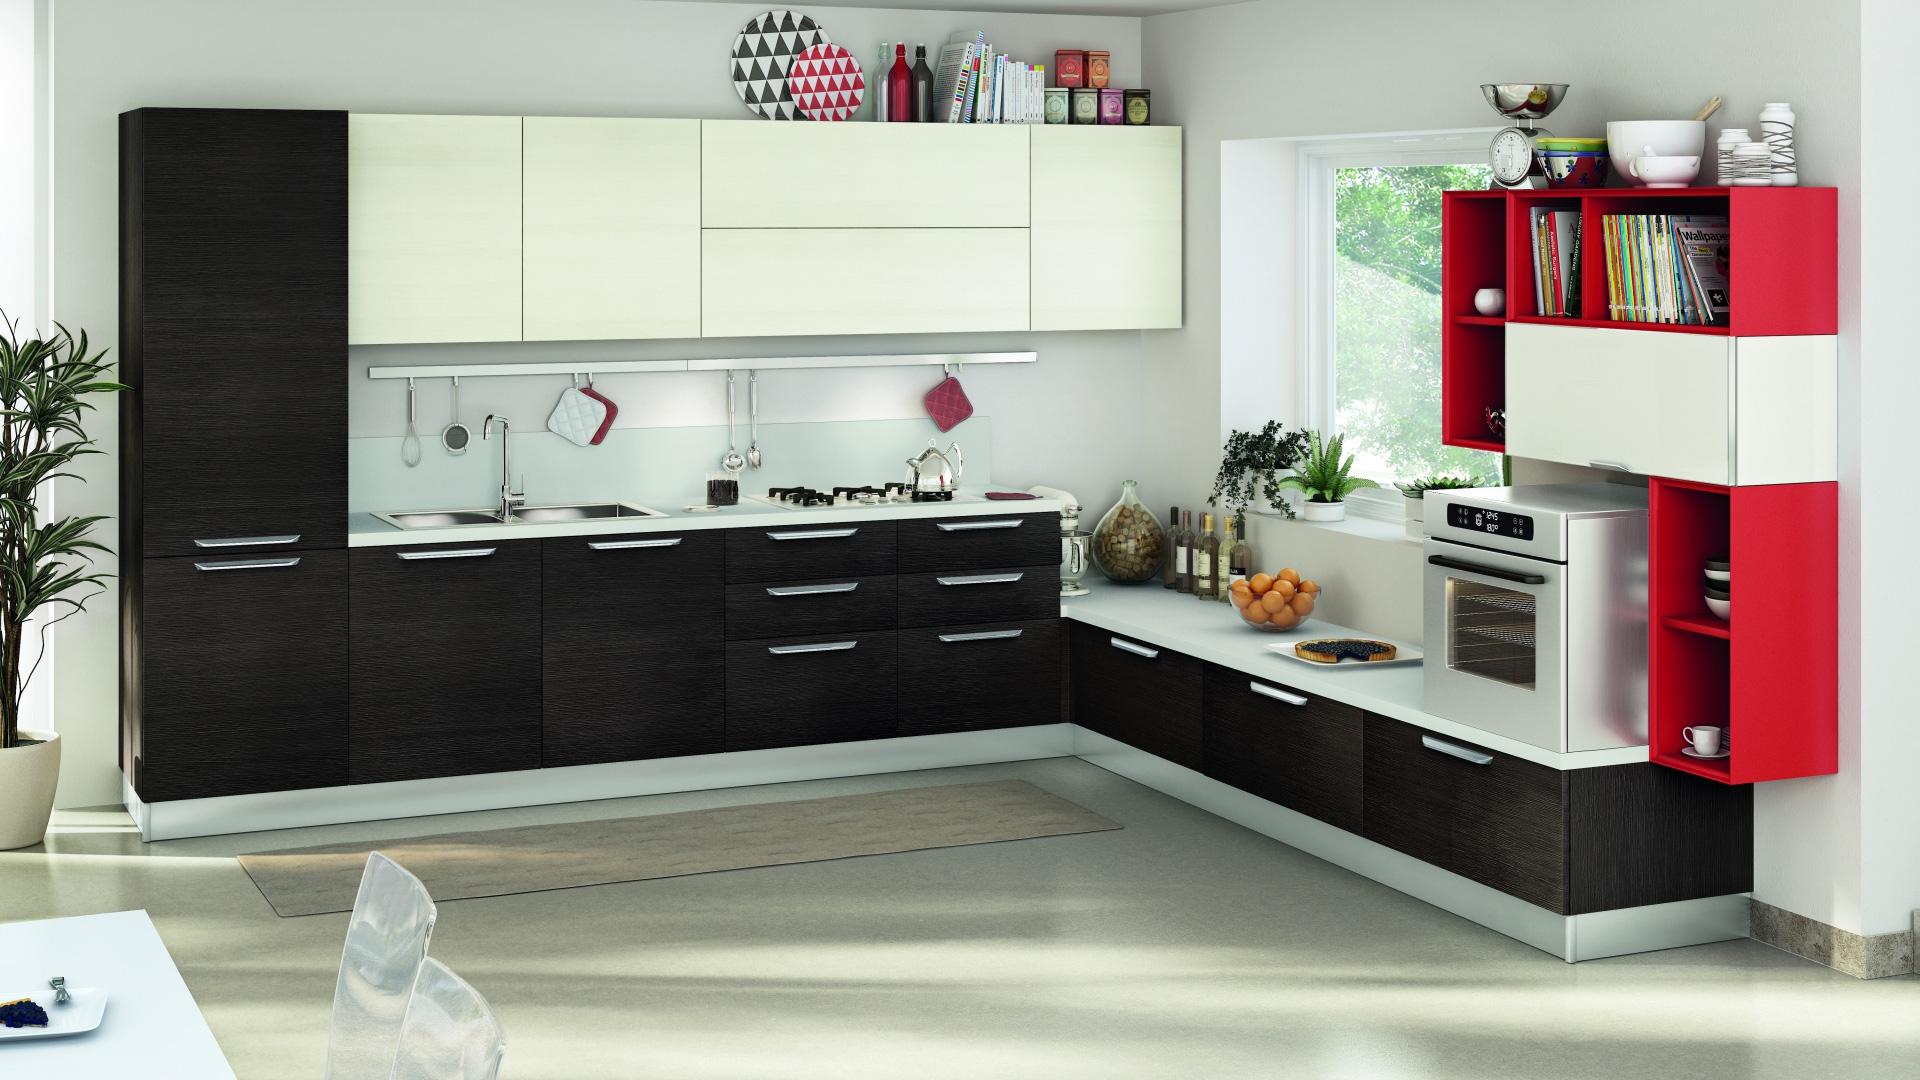 Plafoniere Per Cucine Classiche : Plafoniere per cucine moderne componibili piccoli